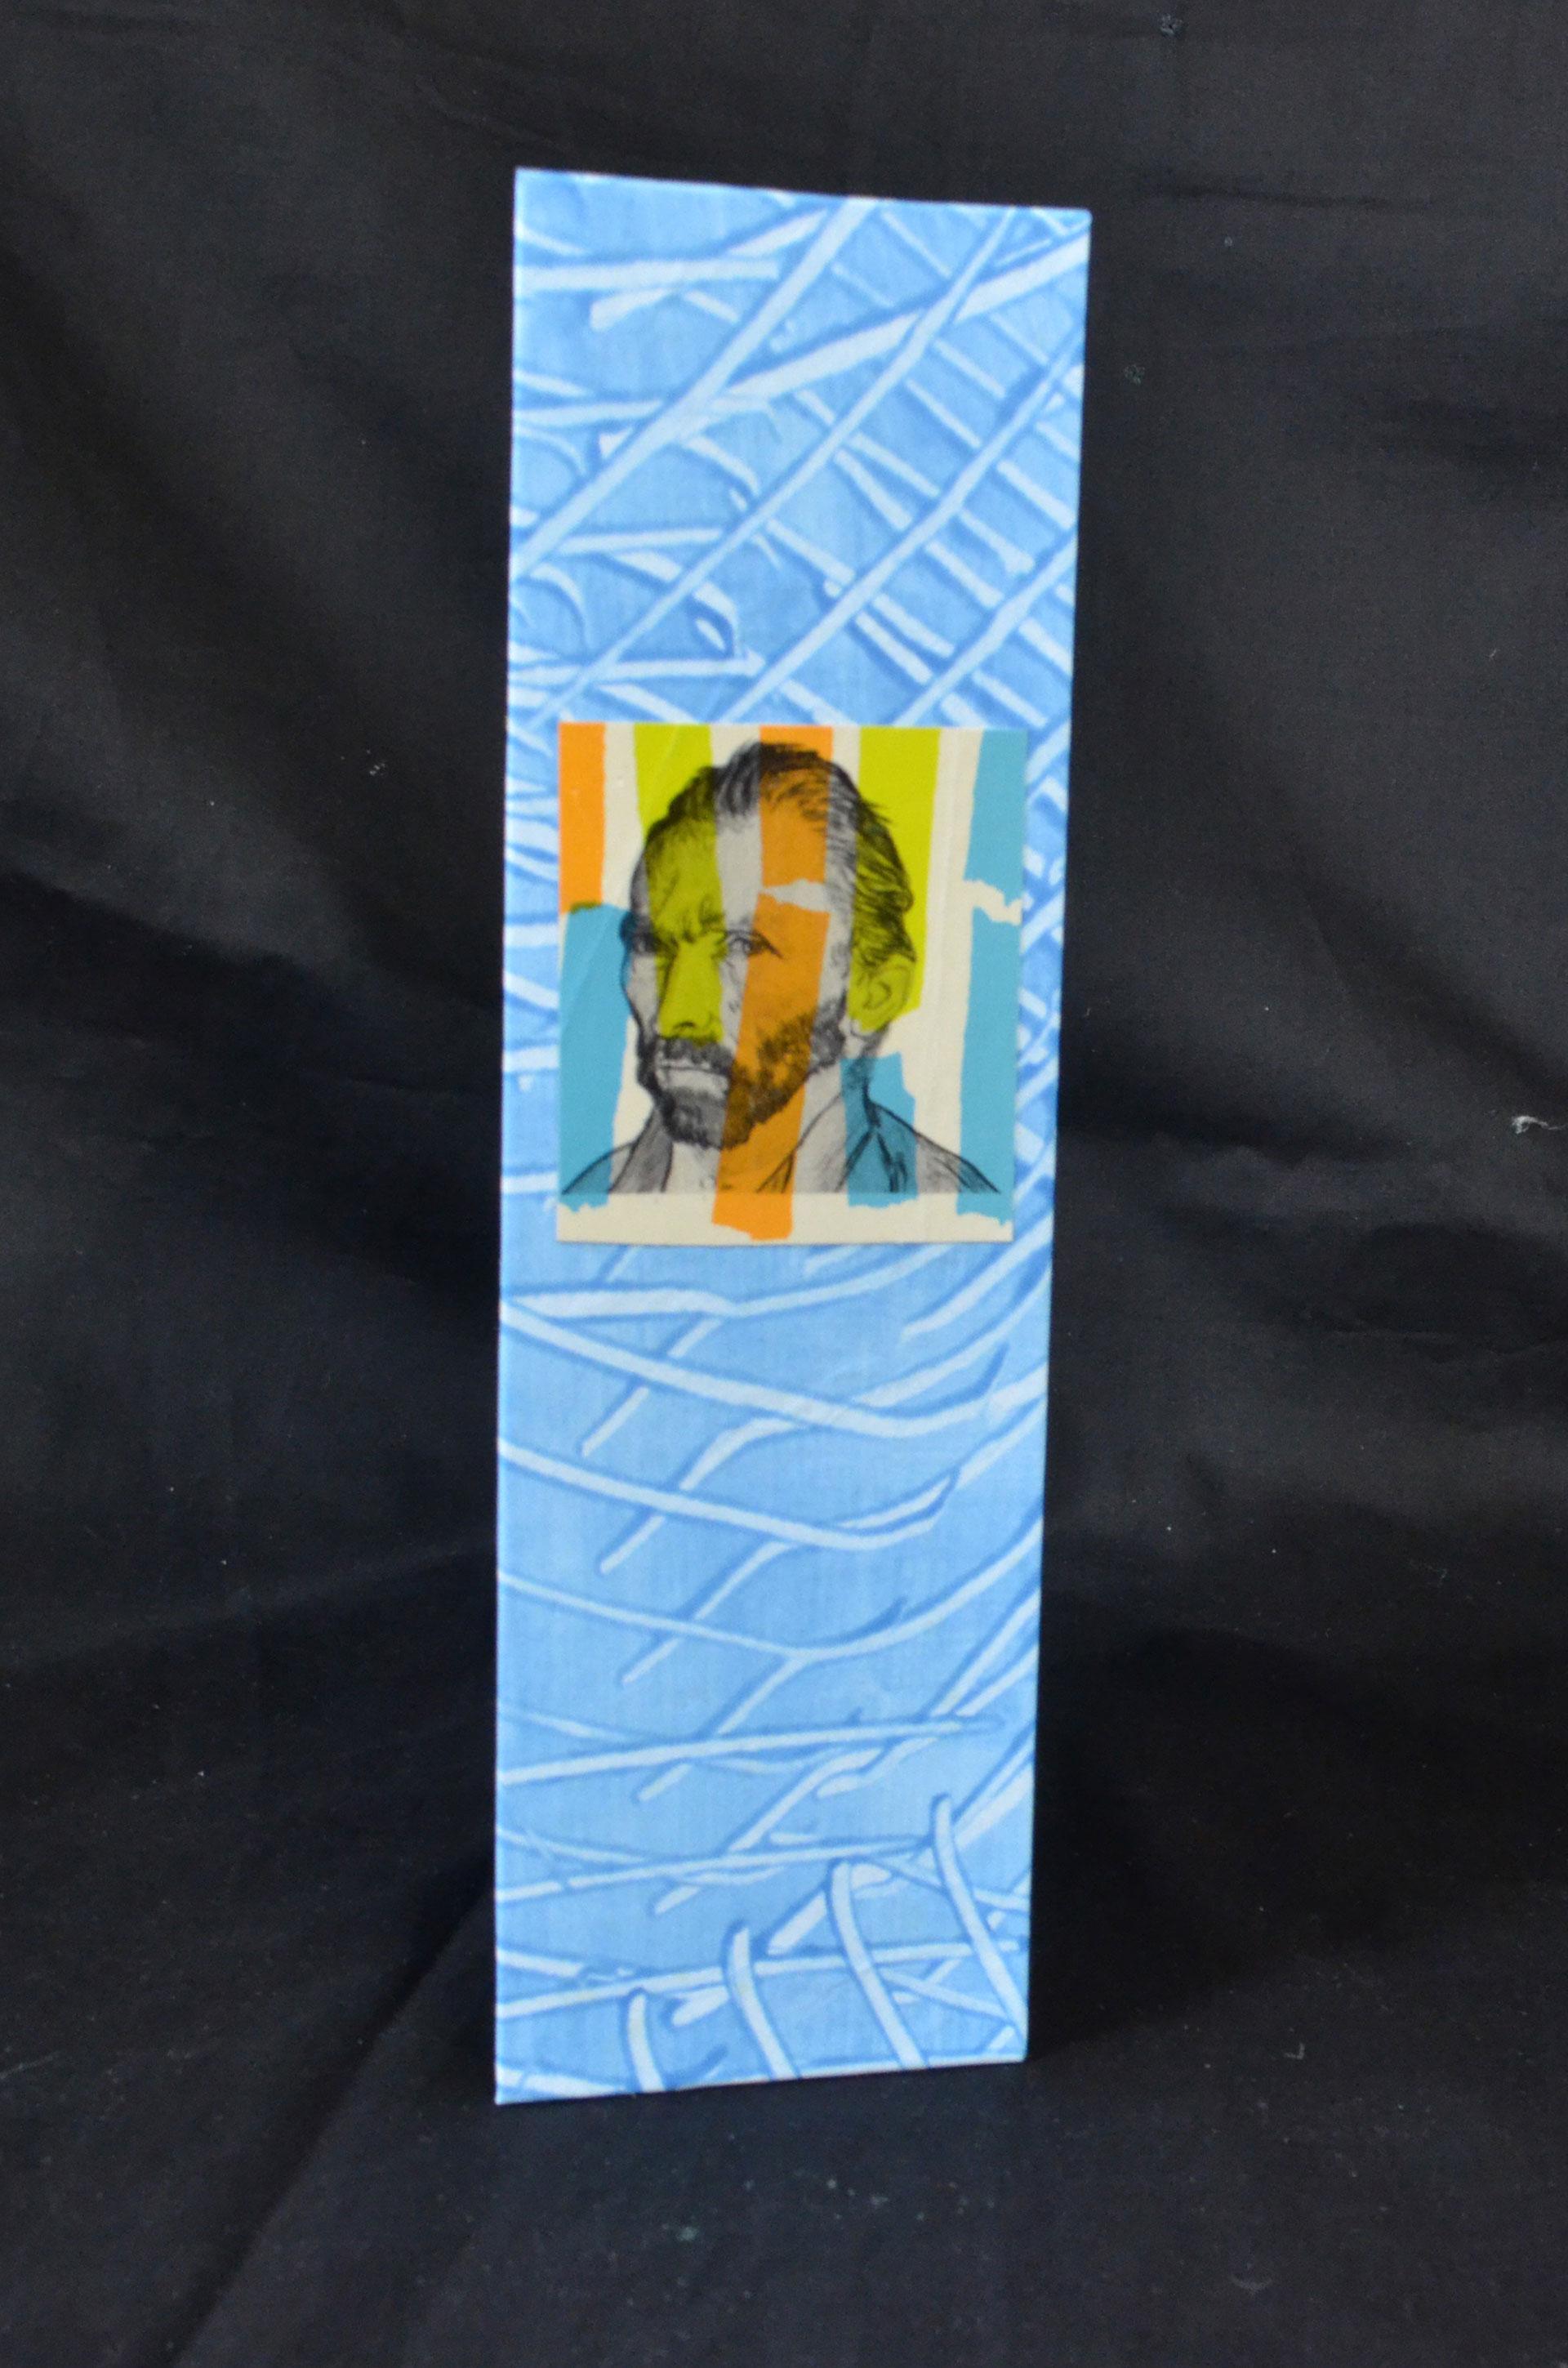 Ivie Martin, Van Gogh's Letters, flag book, Kalamazoo, MI